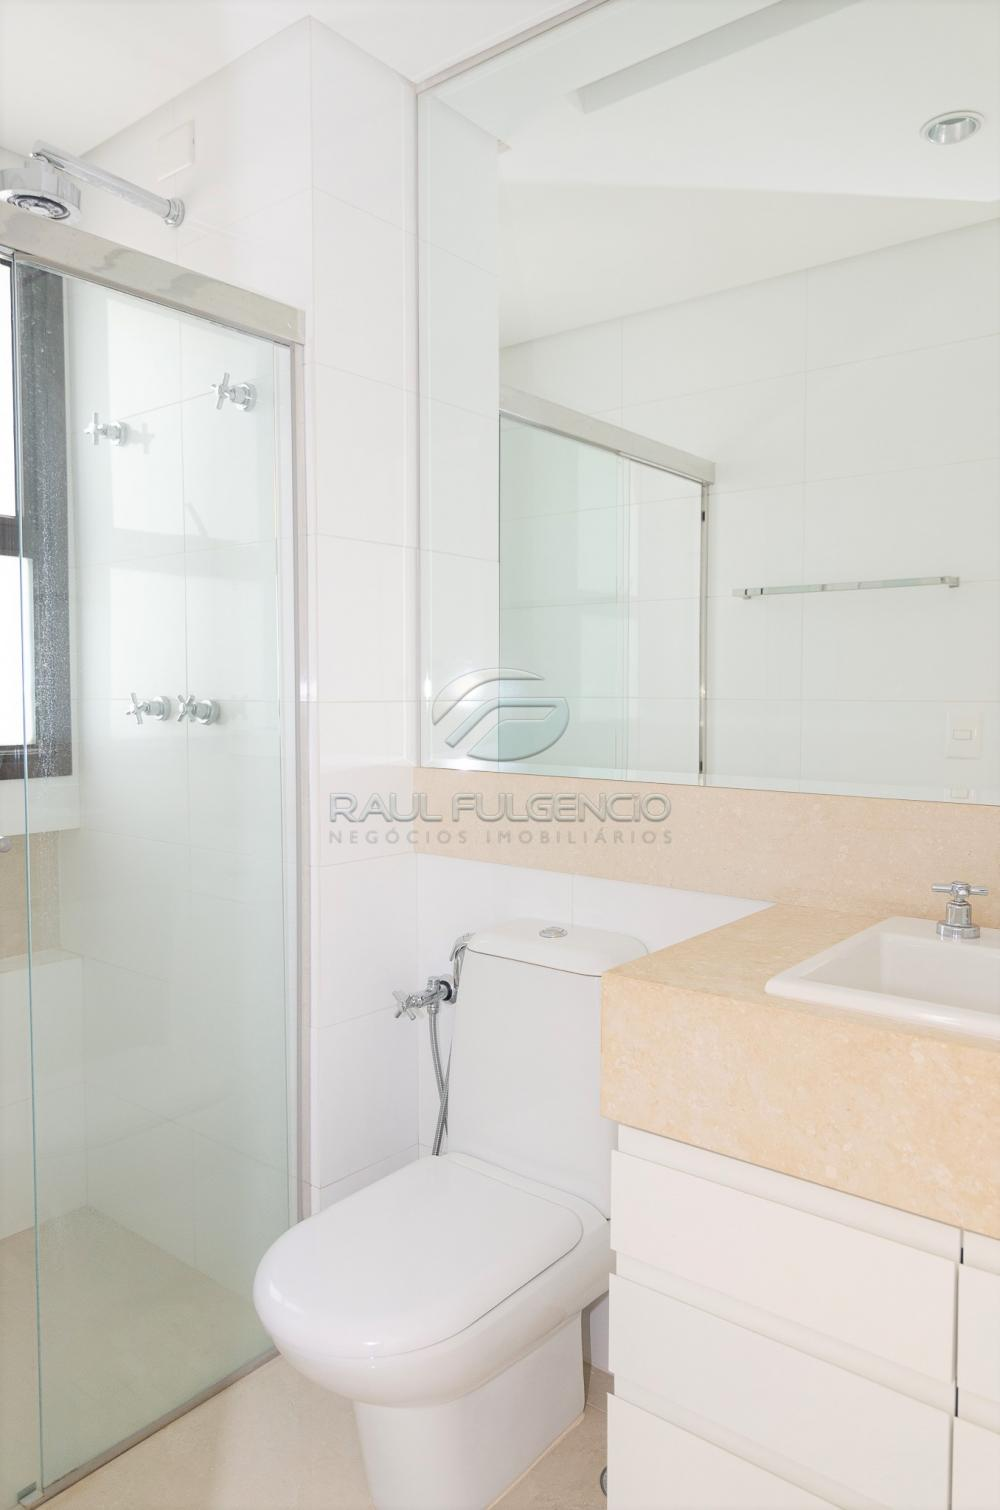 Comprar Apartamento / Padrão em Londrina apenas R$ 1.599.000,00 - Foto 14